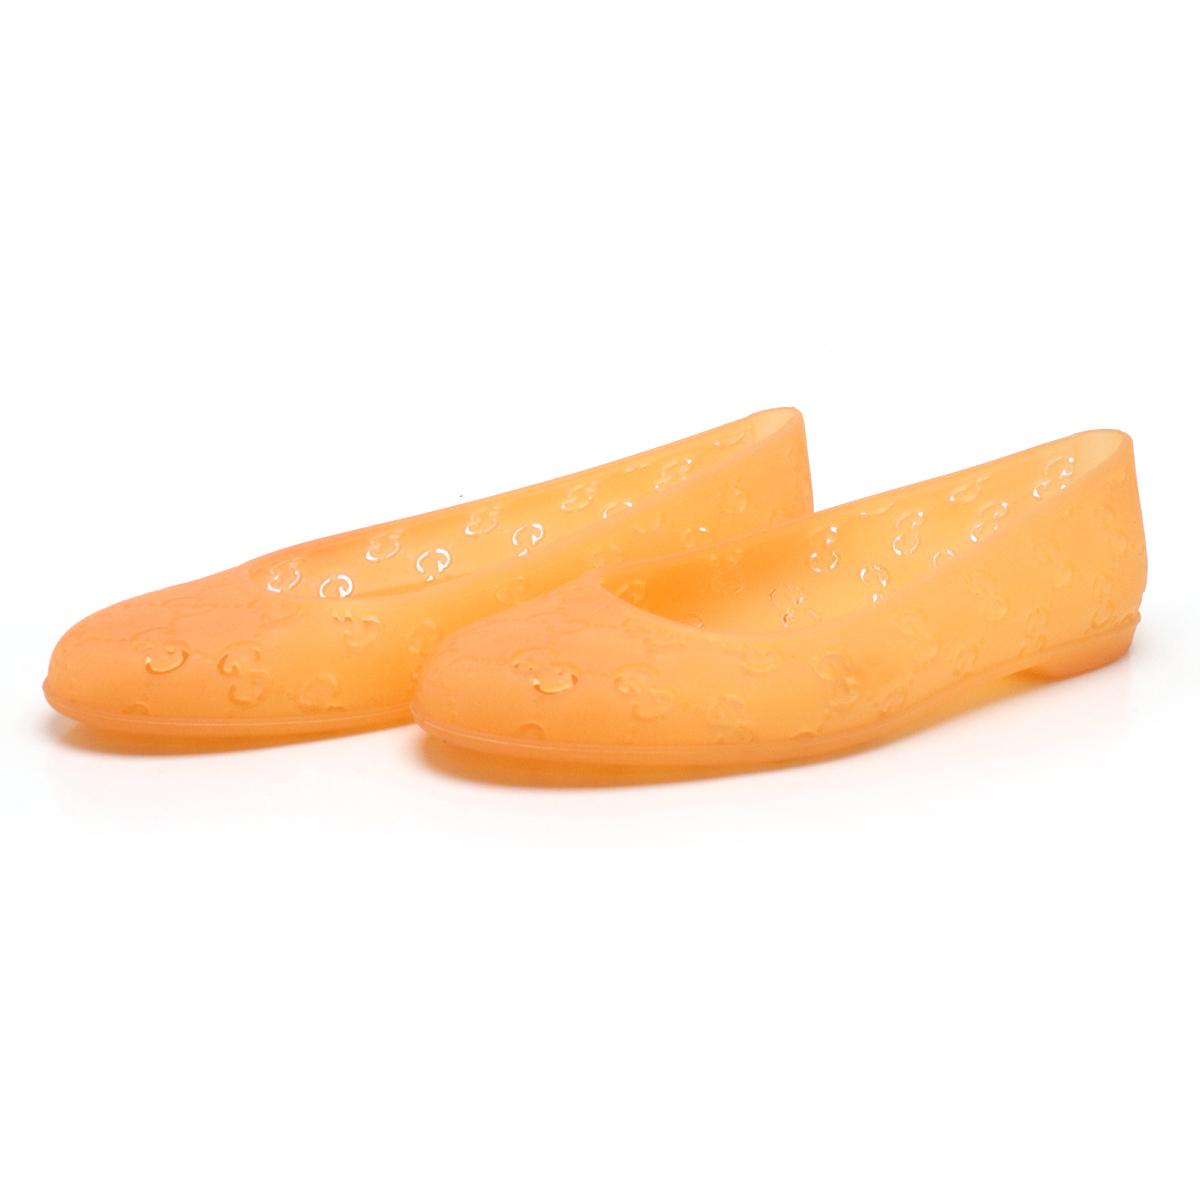 【靴】GUCCI グッチ GG柄 パンプス ラバーシューズ フラットシューズ バレエシューズ パンチング オレンジ サイズ35 【中古】